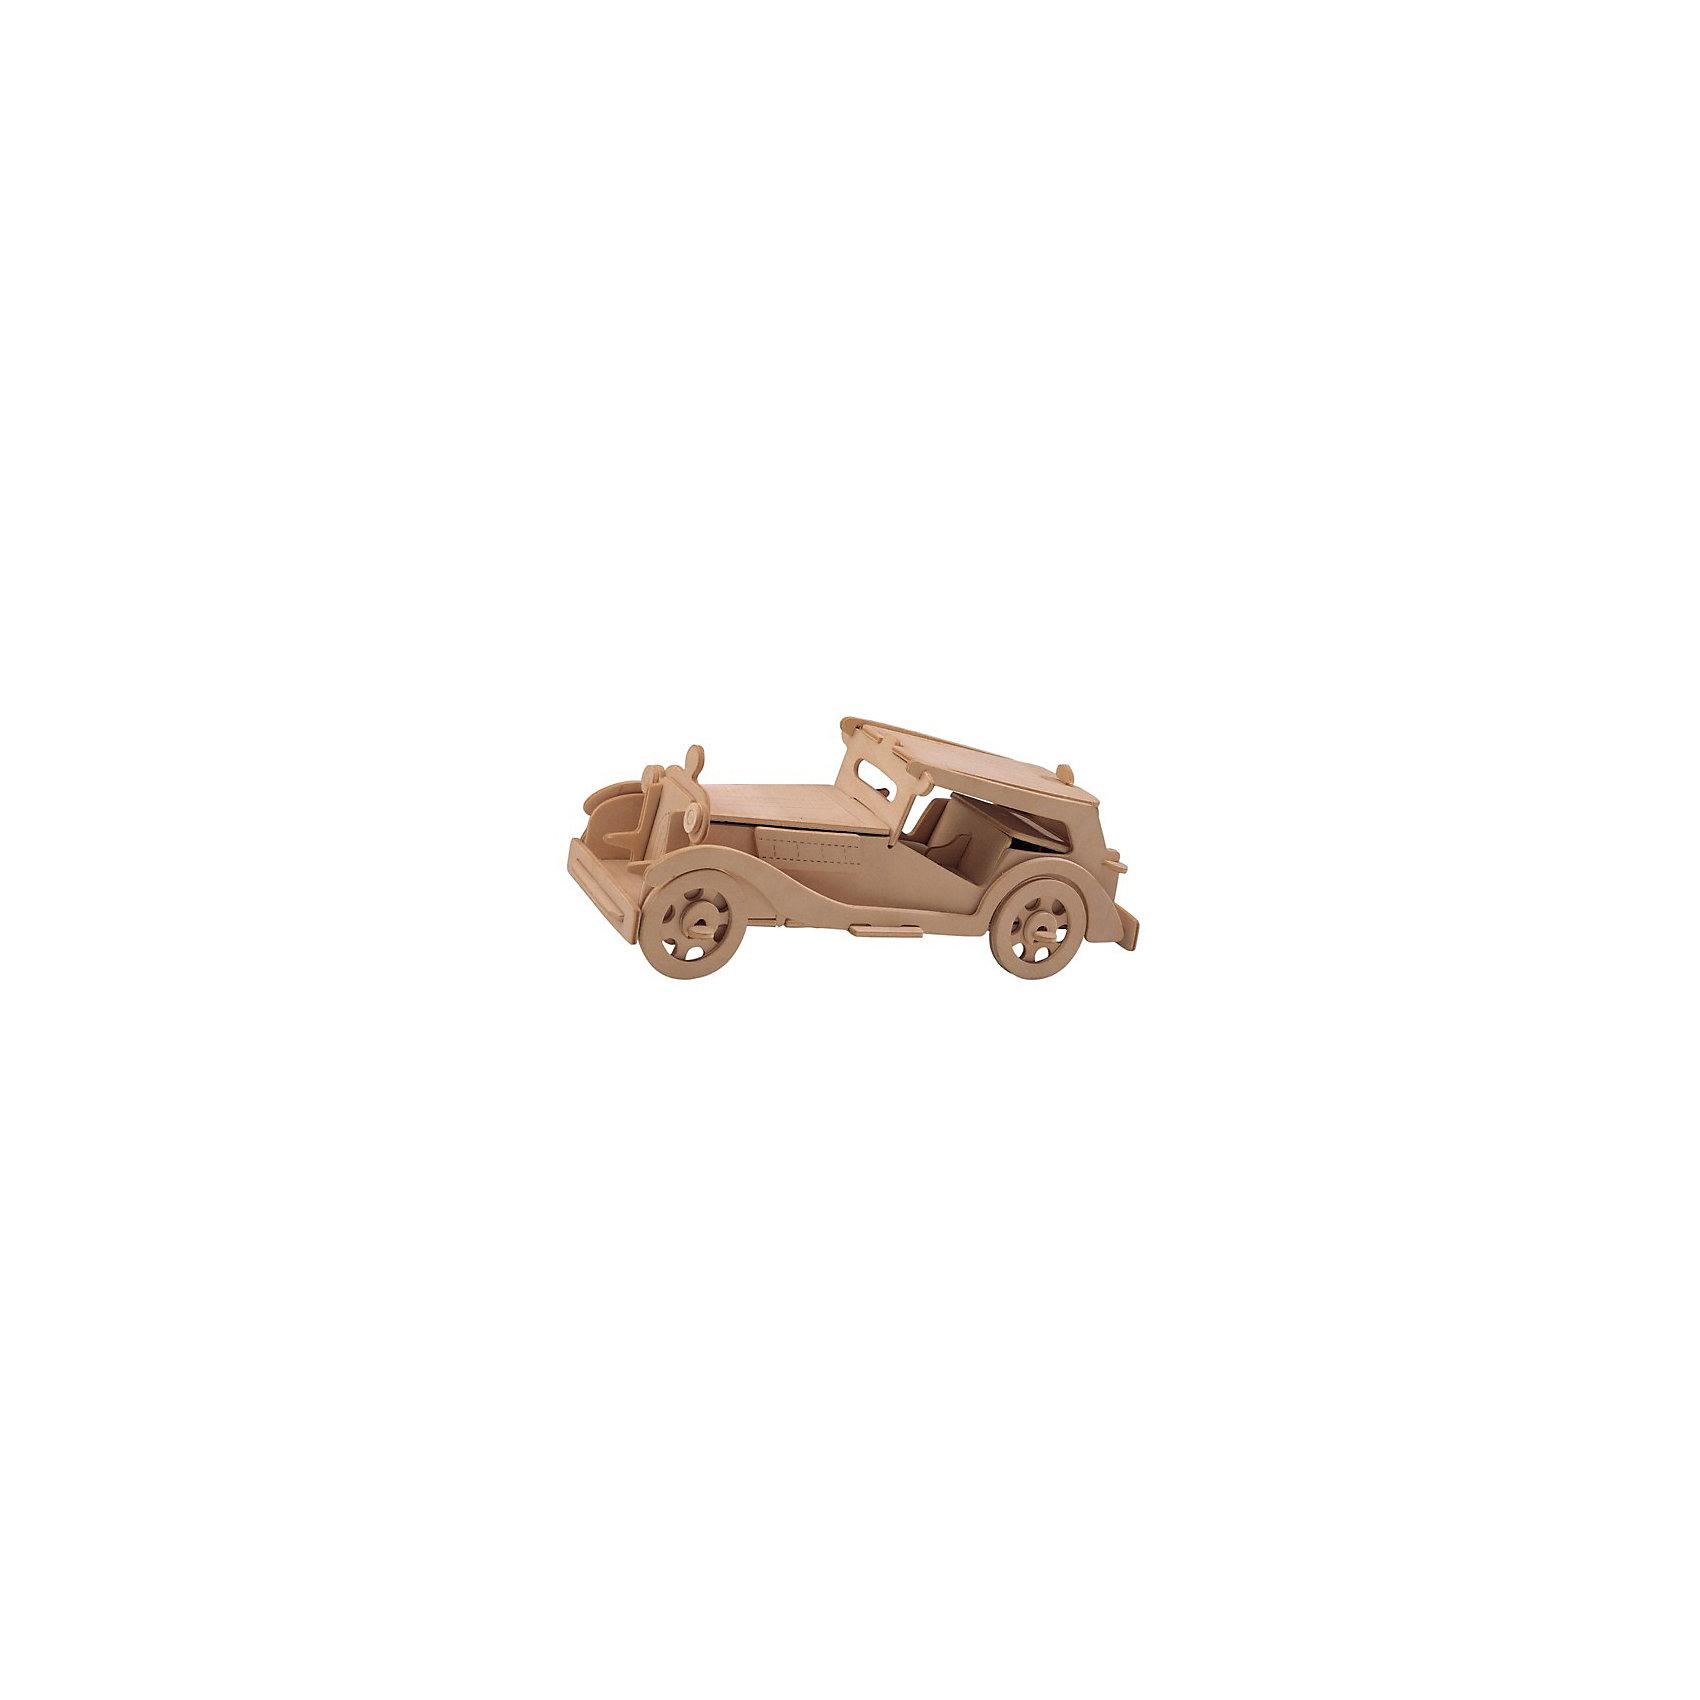 Обурн, Мир деревянных игрушекОтличный вариант подарка для любящего технику творческого ребенка - этот набор, из которого можно самому сделать красивую деревянную фигуру! Для этого нужно выдавить из пластины с деталями элементы для сборки и соединить их. Из наборов получаются красивые очень реалистичные игрушки, которые могут стать украшением комнаты.<br>Собирая их, ребенок будет развивать пространственное мышление, память и мелкую моторику. А раскрашивая готовое произведение, дети научатся подбирать цвета и будут развивать художественные навыки. Этот набор произведен из качественных и безопасных для детей материалов - дерево тщательно обработано.<br><br>Дополнительная информация:<br><br>материал: дерево;<br>цвет: бежевый;<br>элементы: пластины с деталями для сборки, схема сборки;<br>размер упаковки: 23 х 37 см.<br><br>3D-пазл Обурн от бренда Мир деревянных игрушек можно купить в нашем магазине.<br><br>Ширина мм: 350<br>Глубина мм: 50<br>Высота мм: 225<br>Вес г: 450<br>Возраст от месяцев: 36<br>Возраст до месяцев: 144<br>Пол: Унисекс<br>Возраст: Детский<br>SKU: 4969103